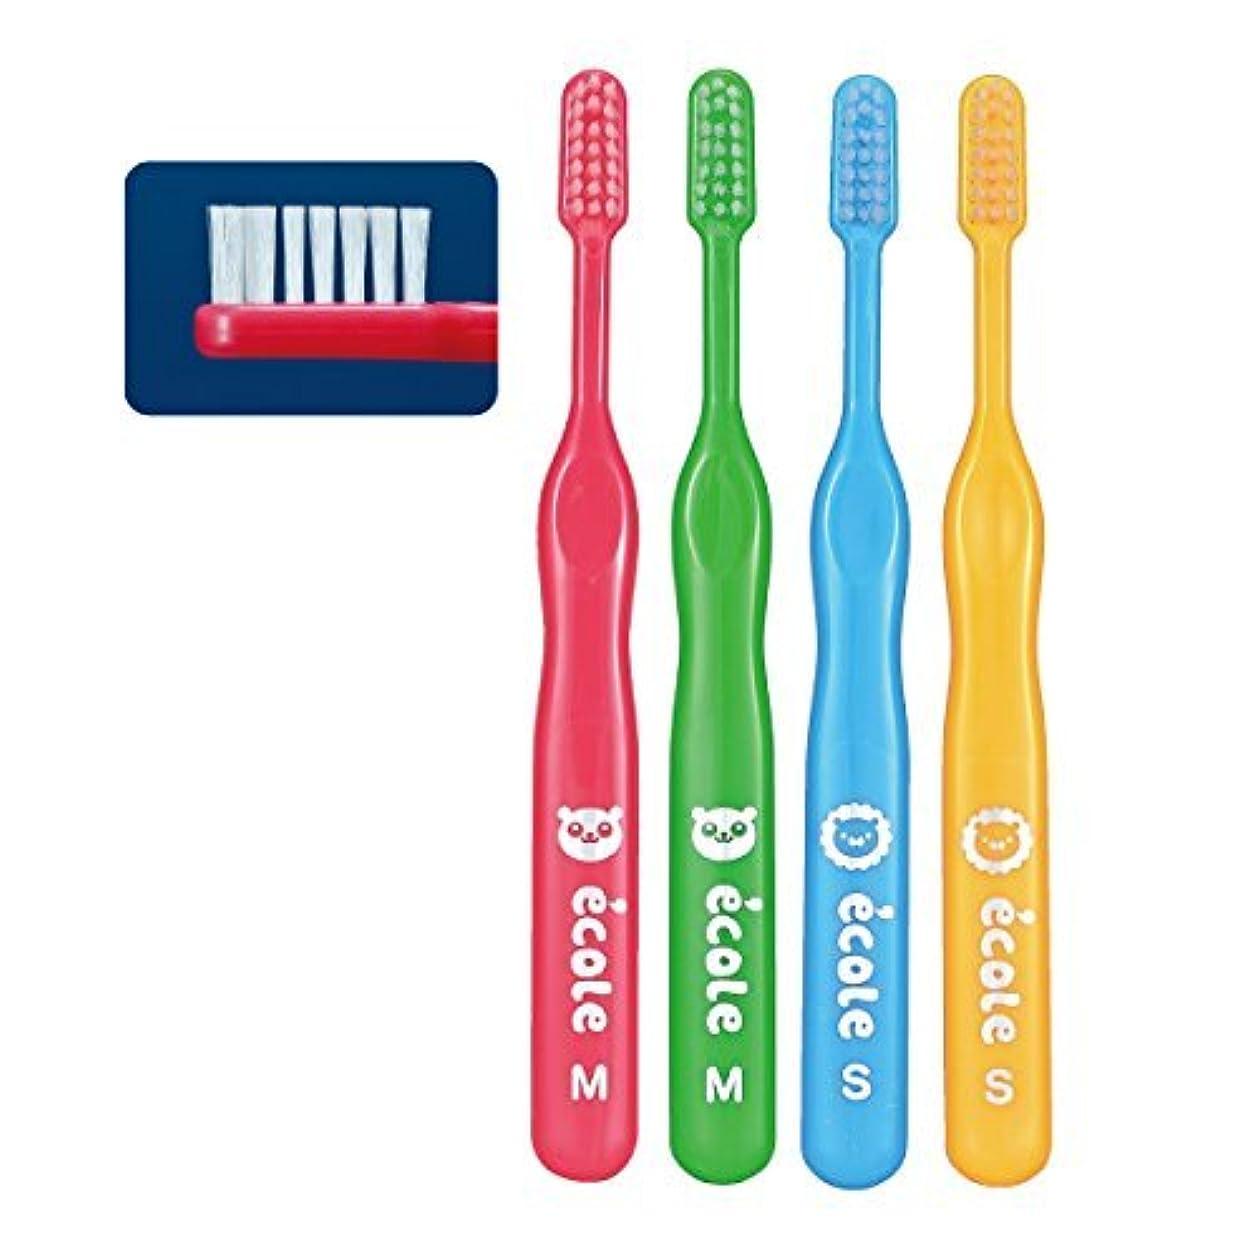 ラッシュ刑務所美しいリセラ エコル 幼児~小学生用歯ブラシ Mふつう 24本入り